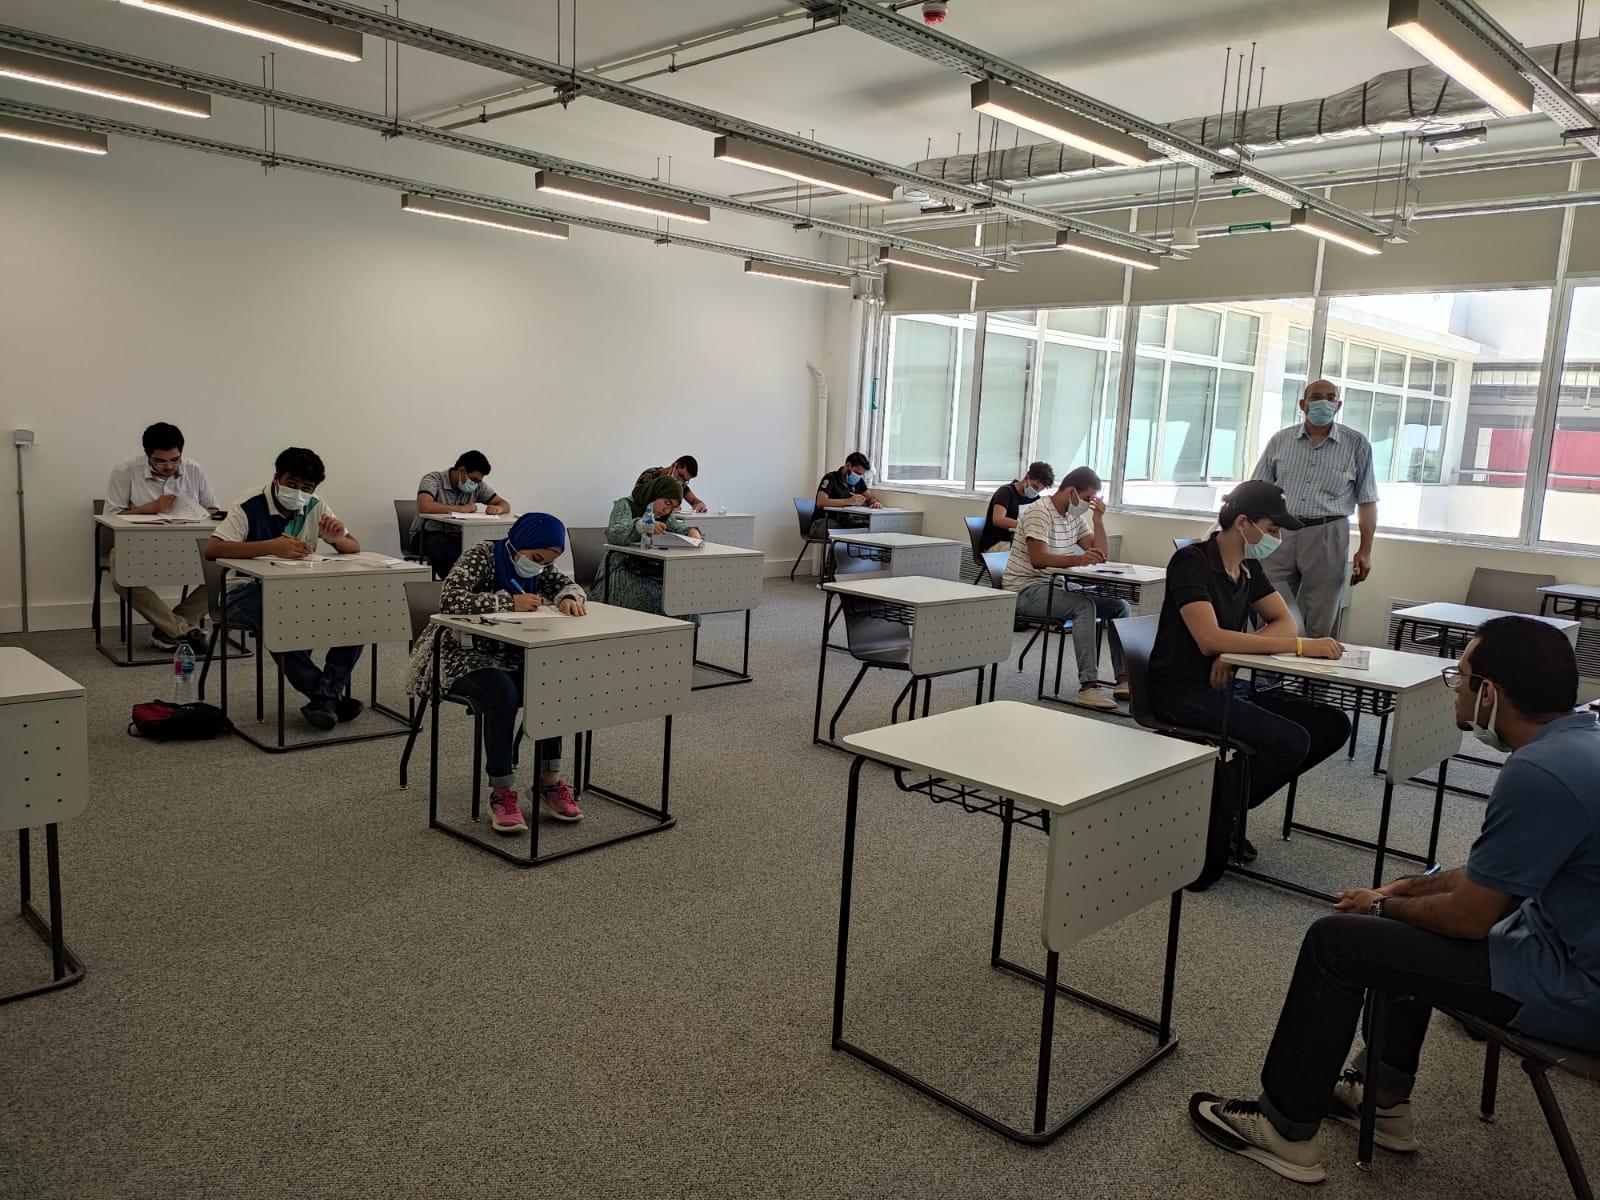 بدء اختبارات القبول بالجامعة المصرية اليابانية وسط إجراءات احترازية  صور